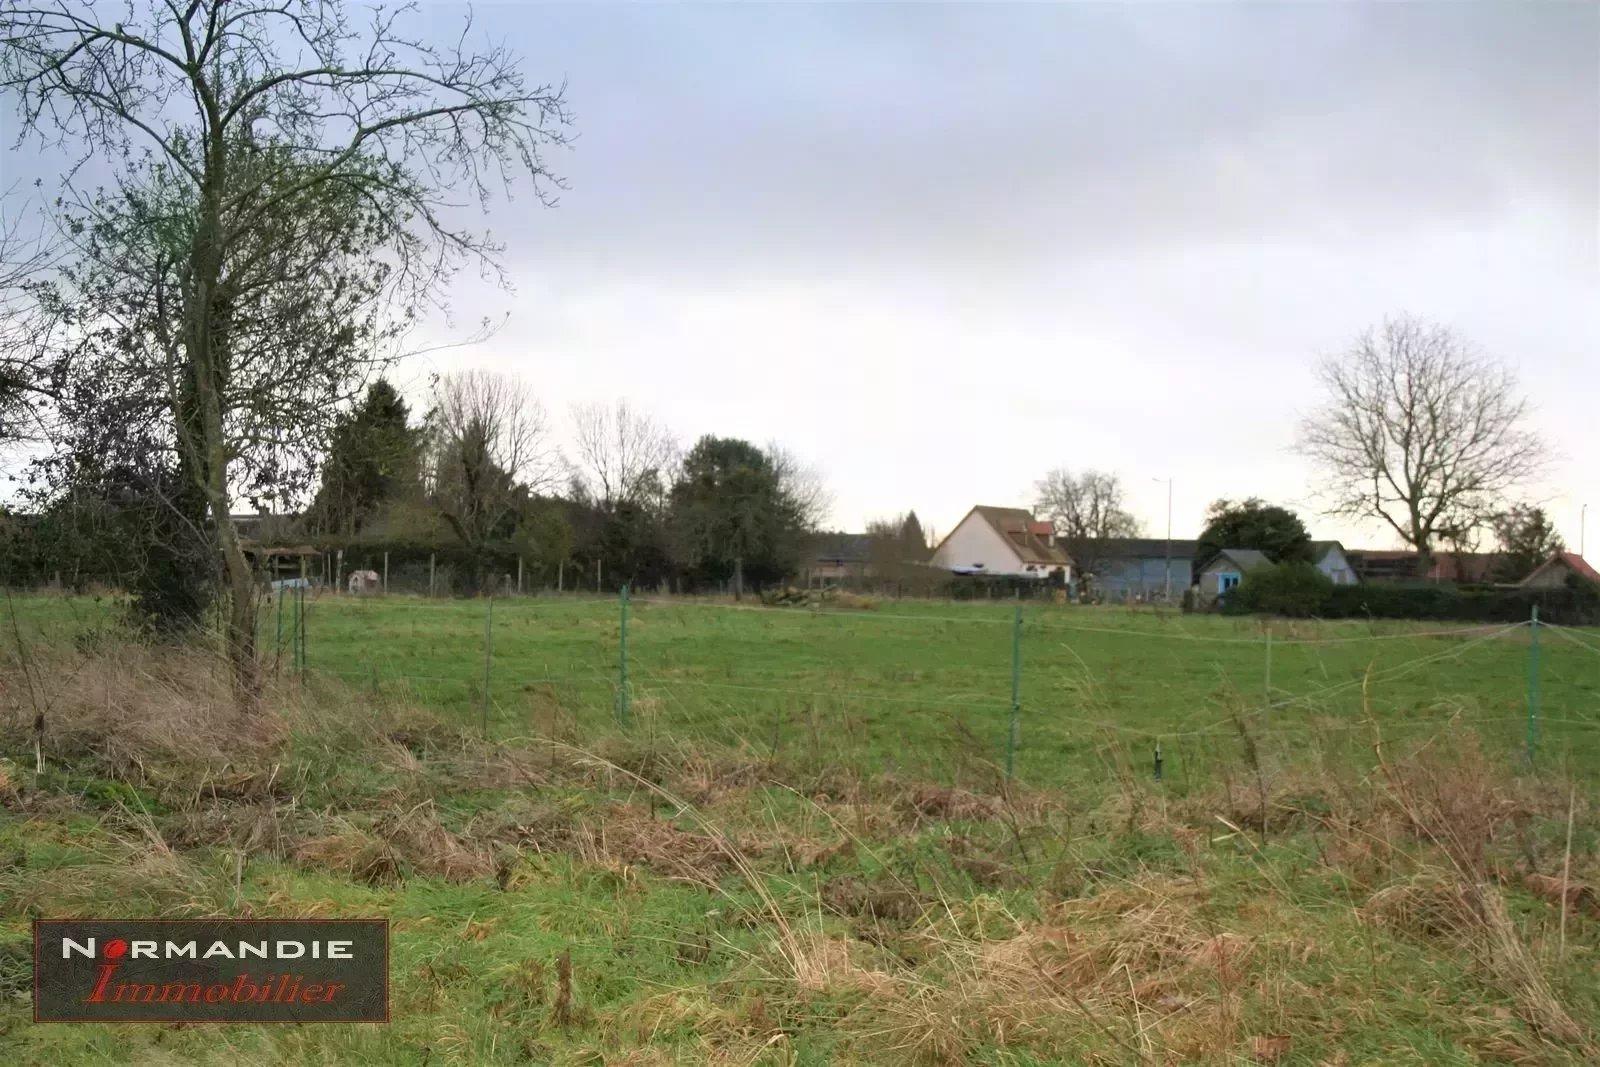 Terrain à bâtir viabilisé de 884m² prix 47 000 euros à 2 minutes de Fleury sur Andelle